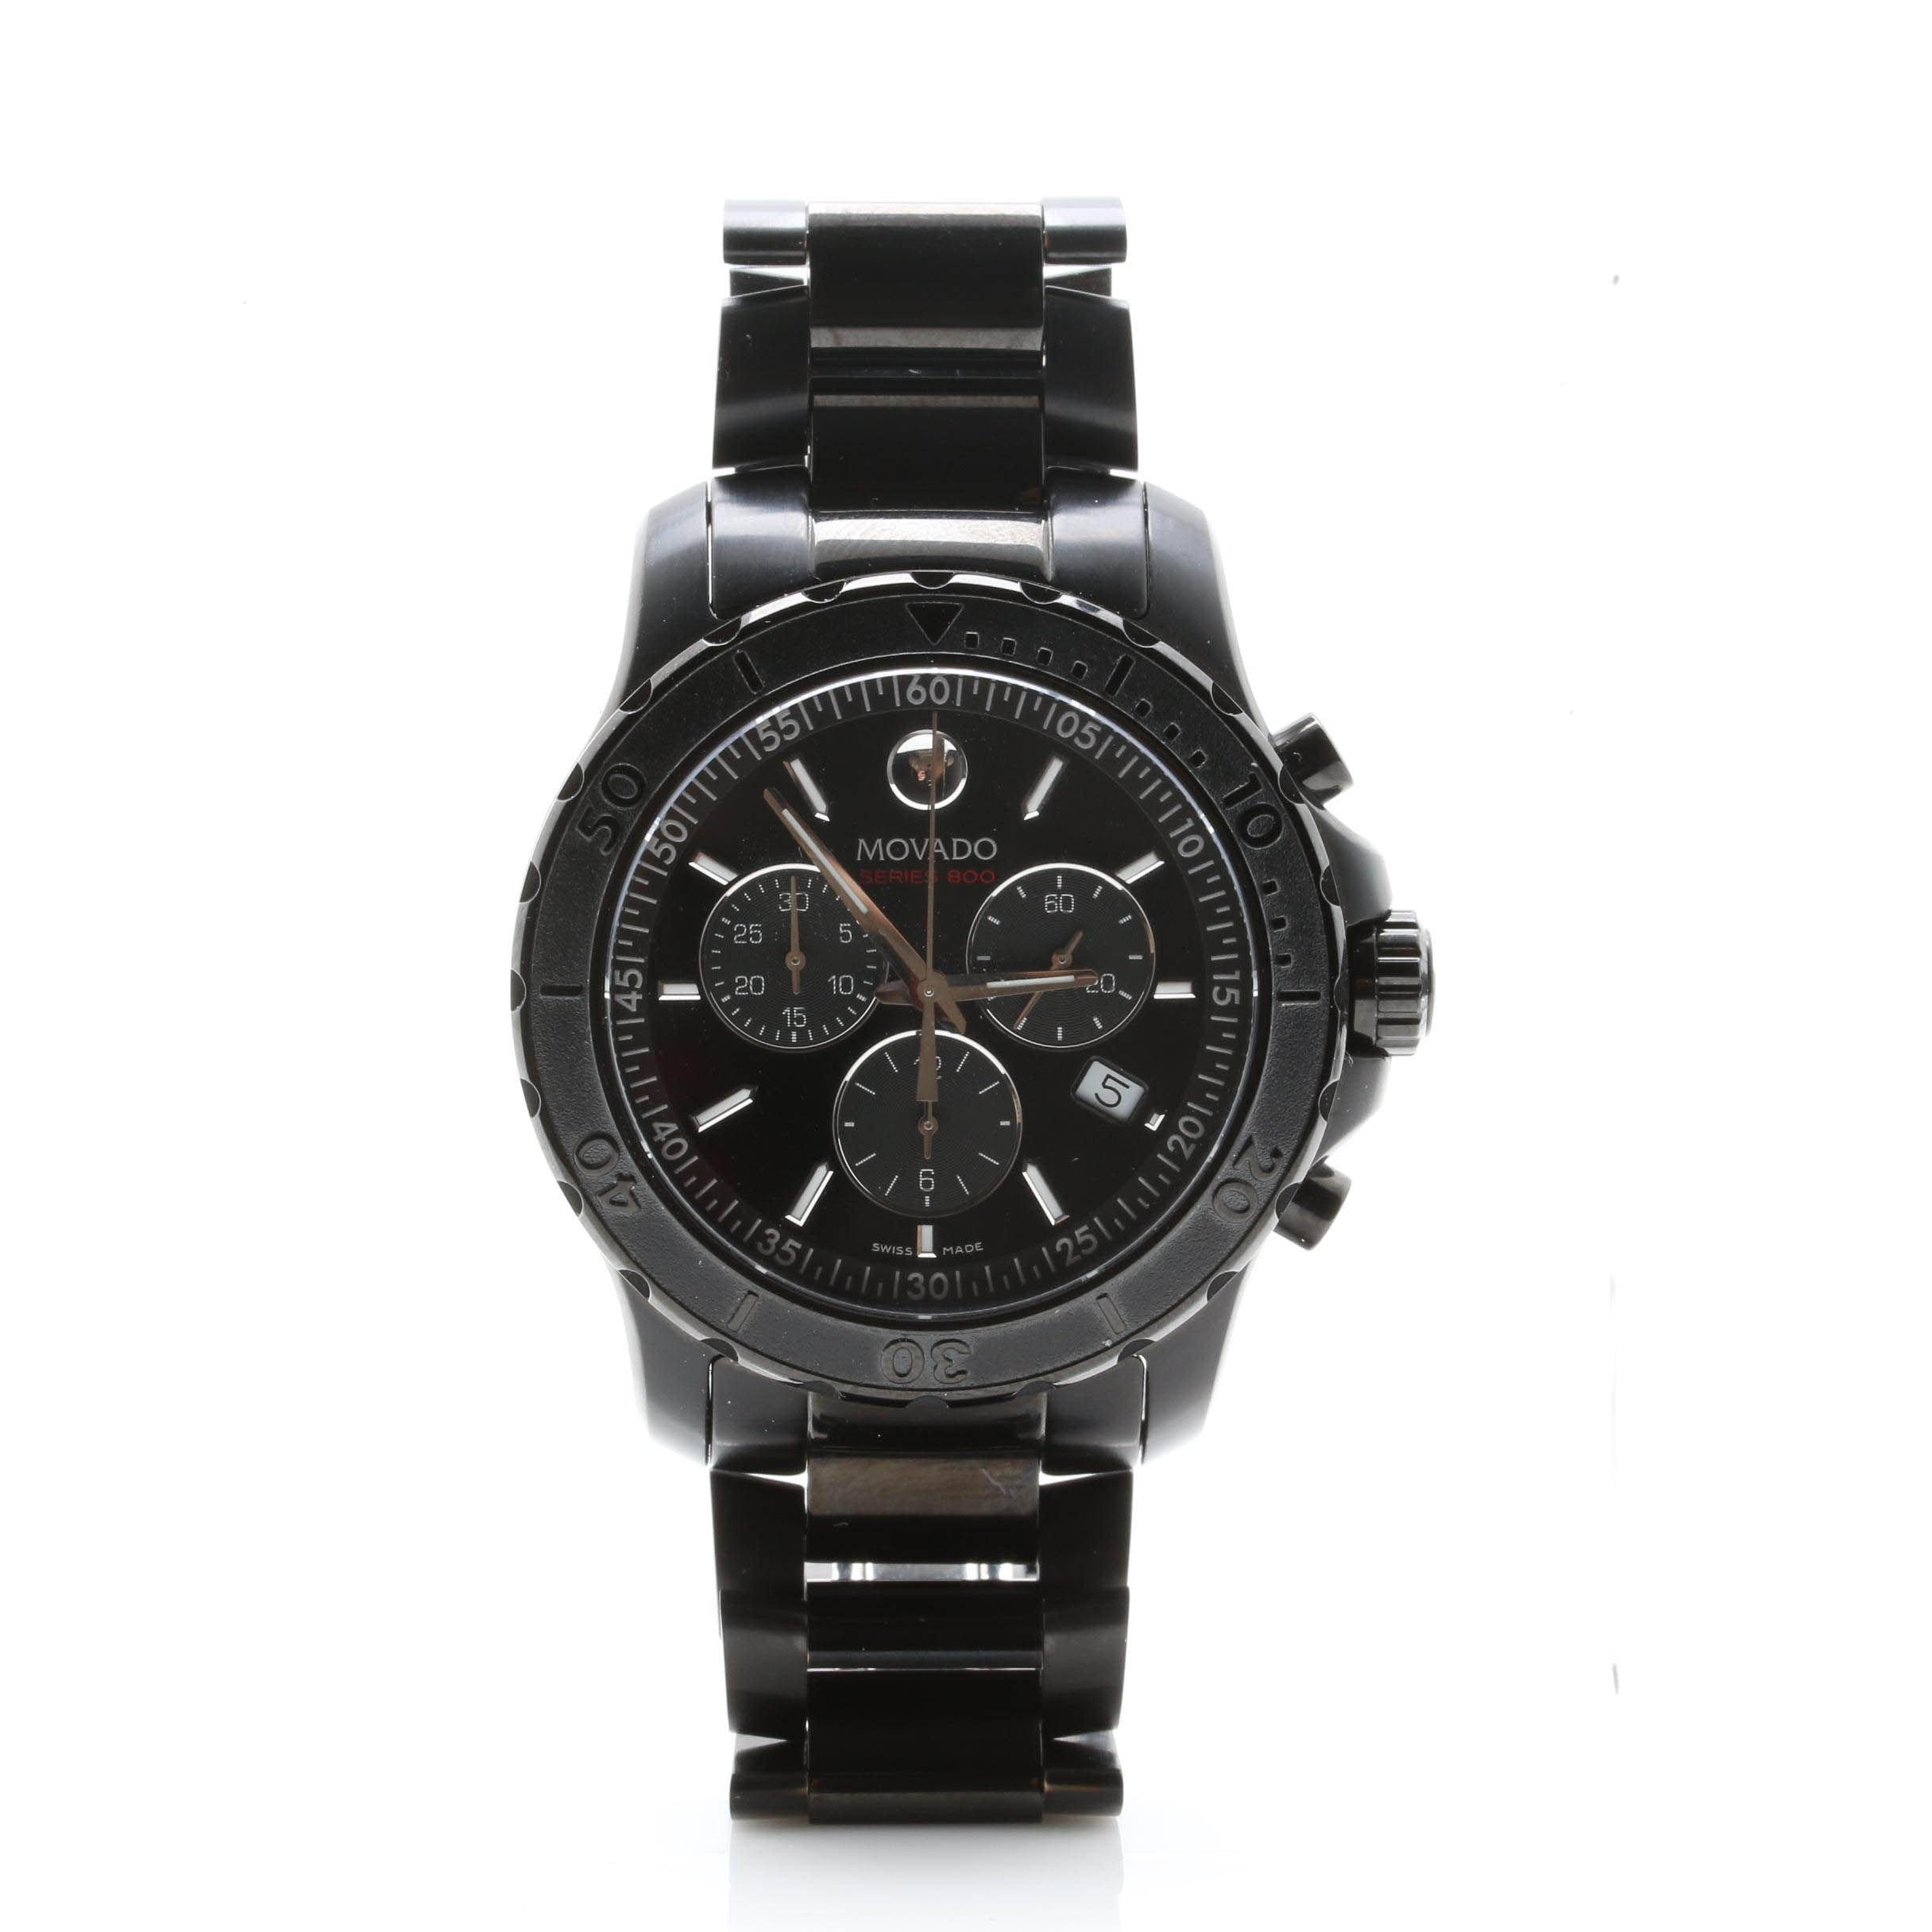 Movado Series 800 Black Chronograph Wristwatch